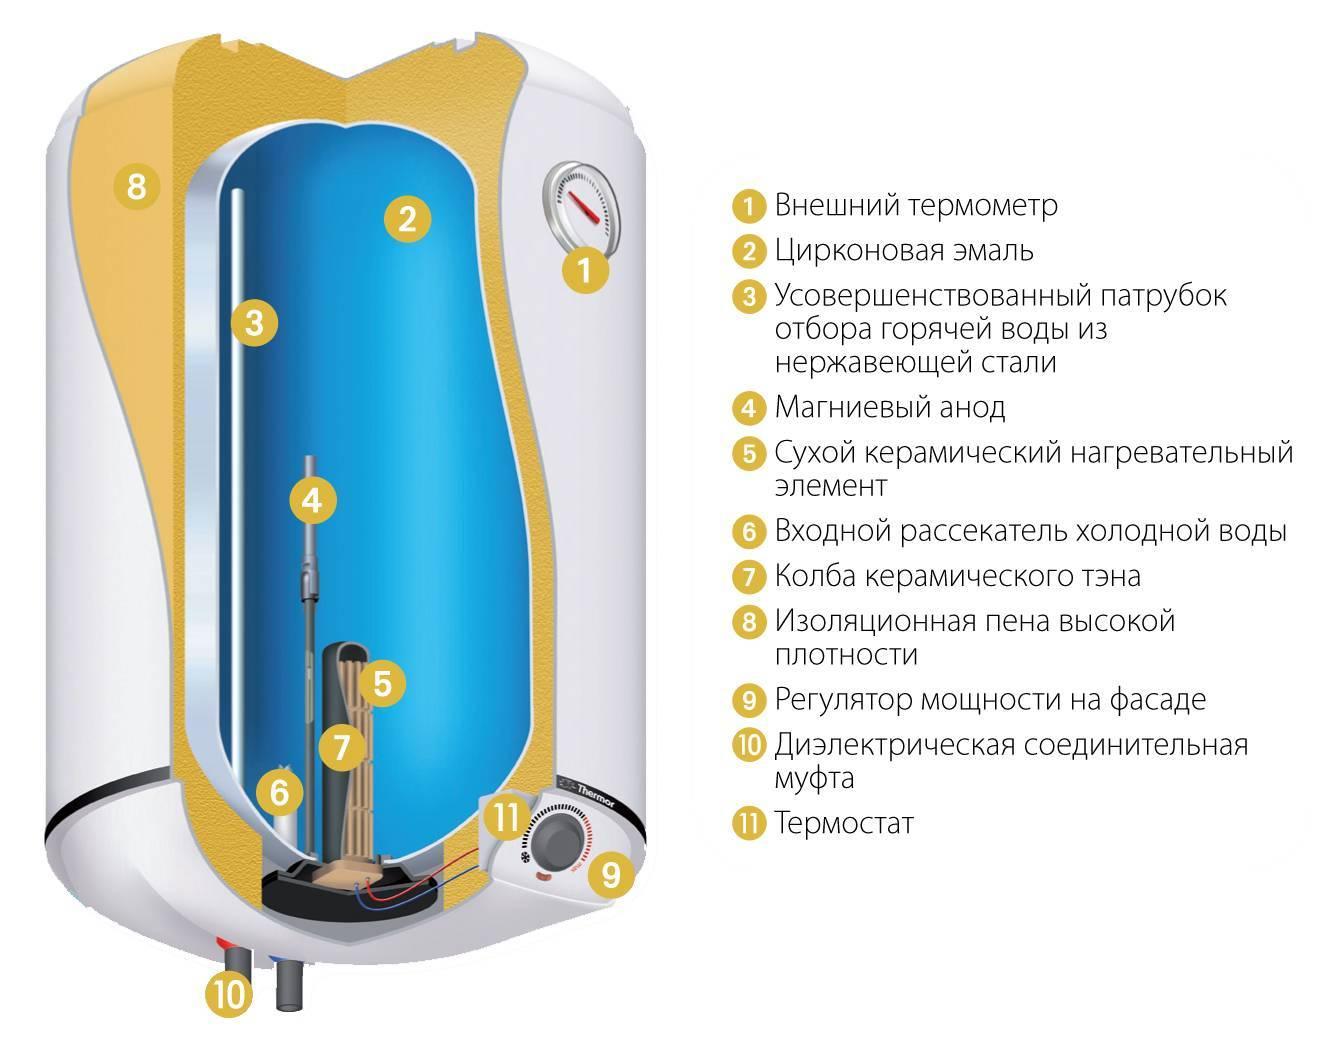 Водонагреватели с сухим тэном: устройство, выбор, цена, производители